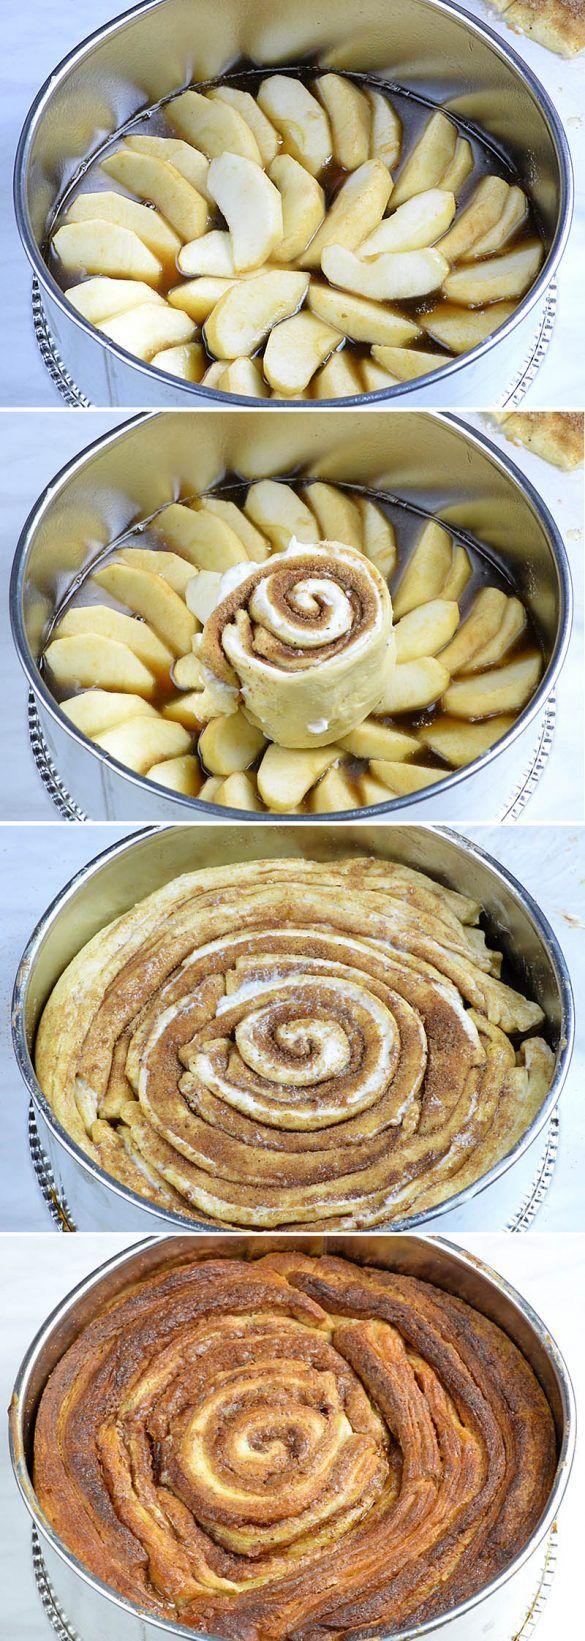 Upside Down Apple Cinnamon Roll CakeDenise Johnson